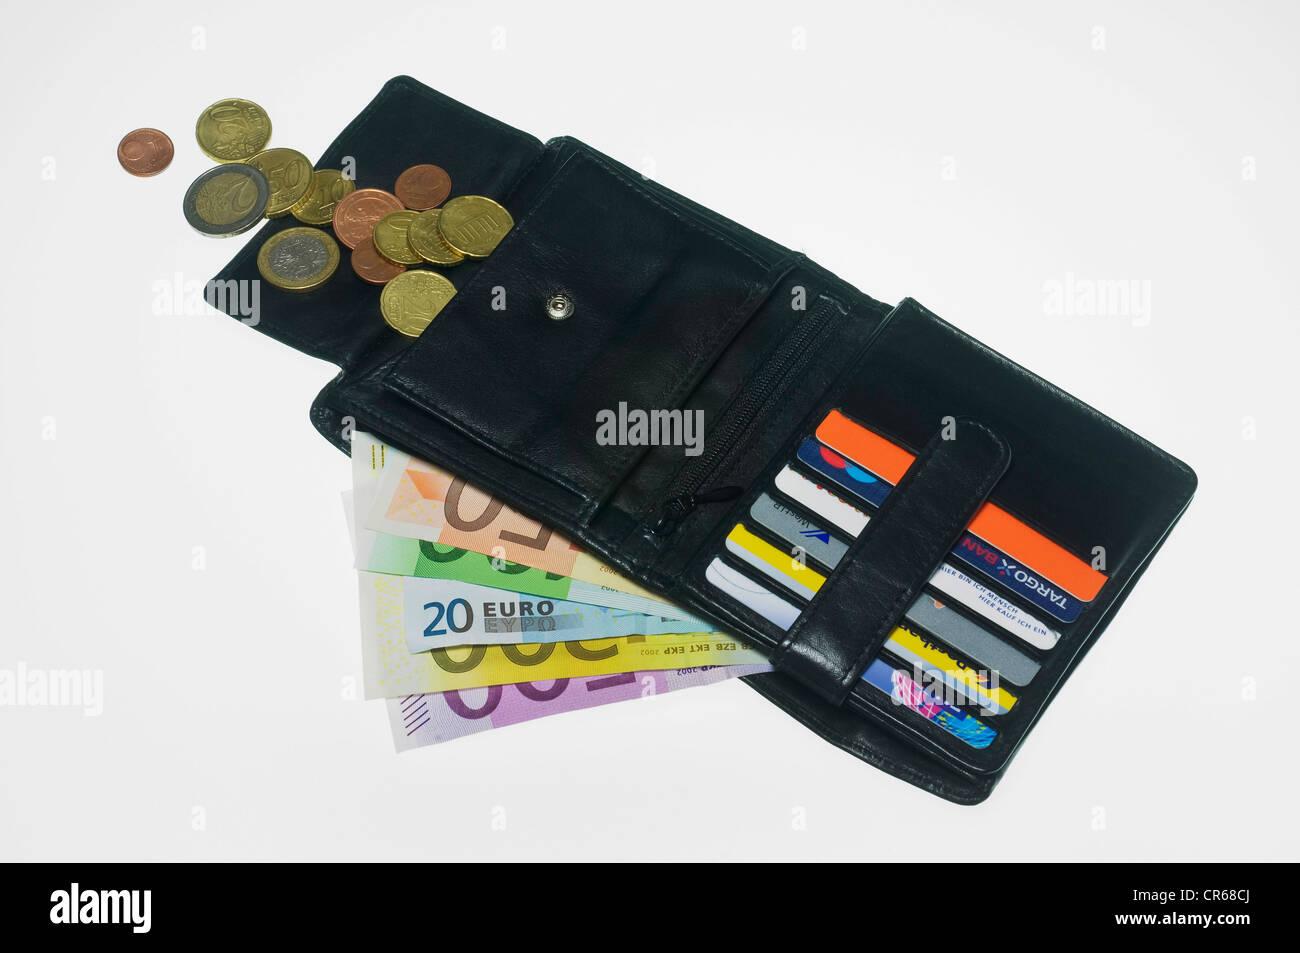 Offenen Brieftasche mit Euro-Banknoten, Münzen und Karten-Fächer Stockbild